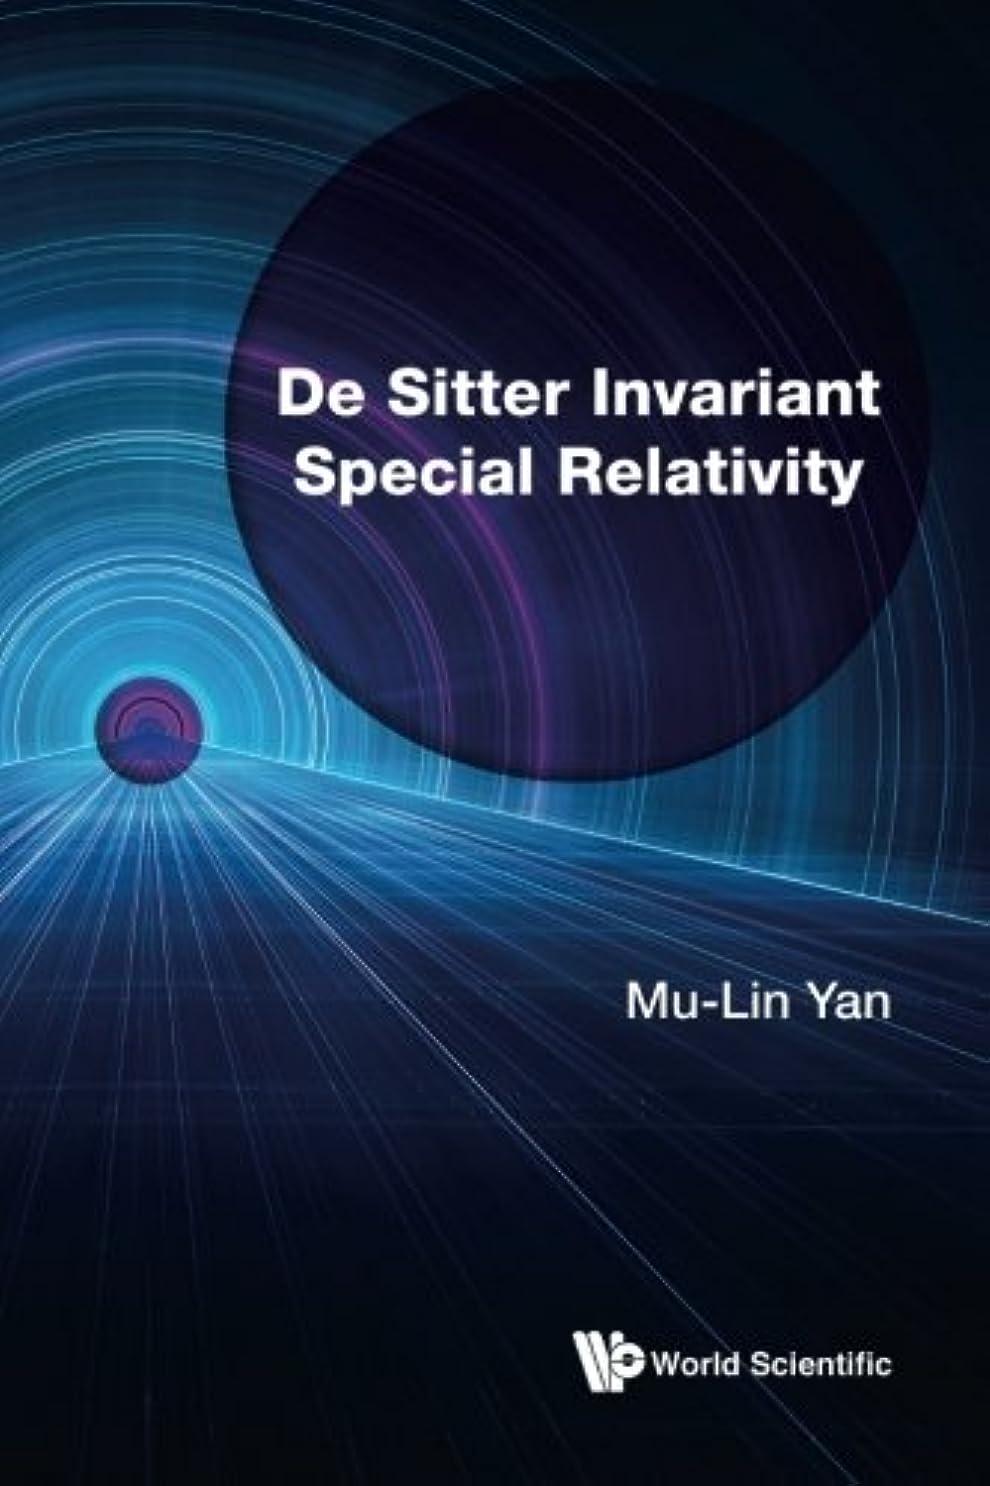 決定する悪性の取り替えるDe Sitter Invariant Special Relativity